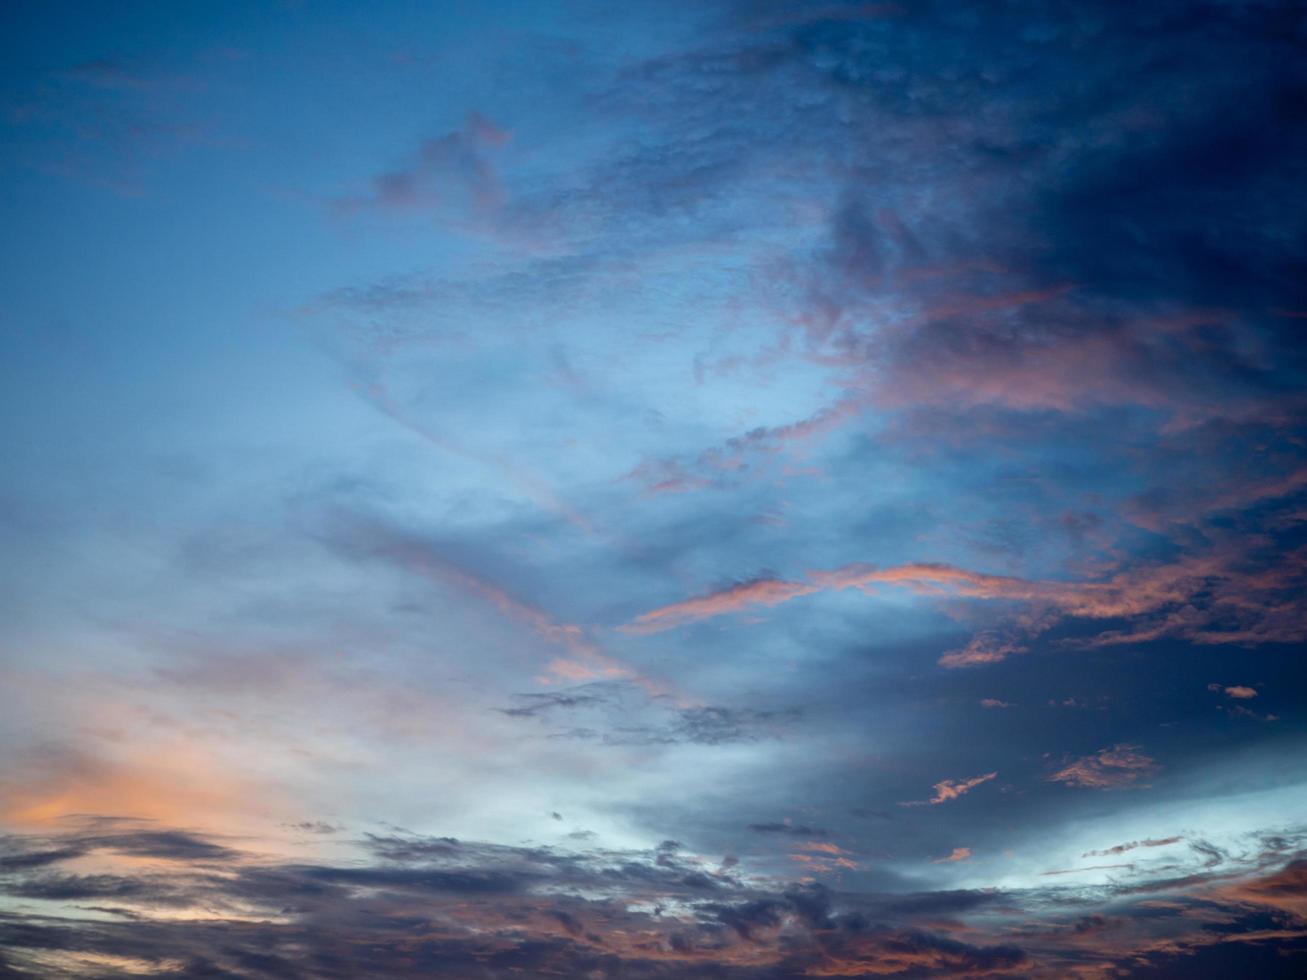 ciel et nuages au coucher du soleil. photo